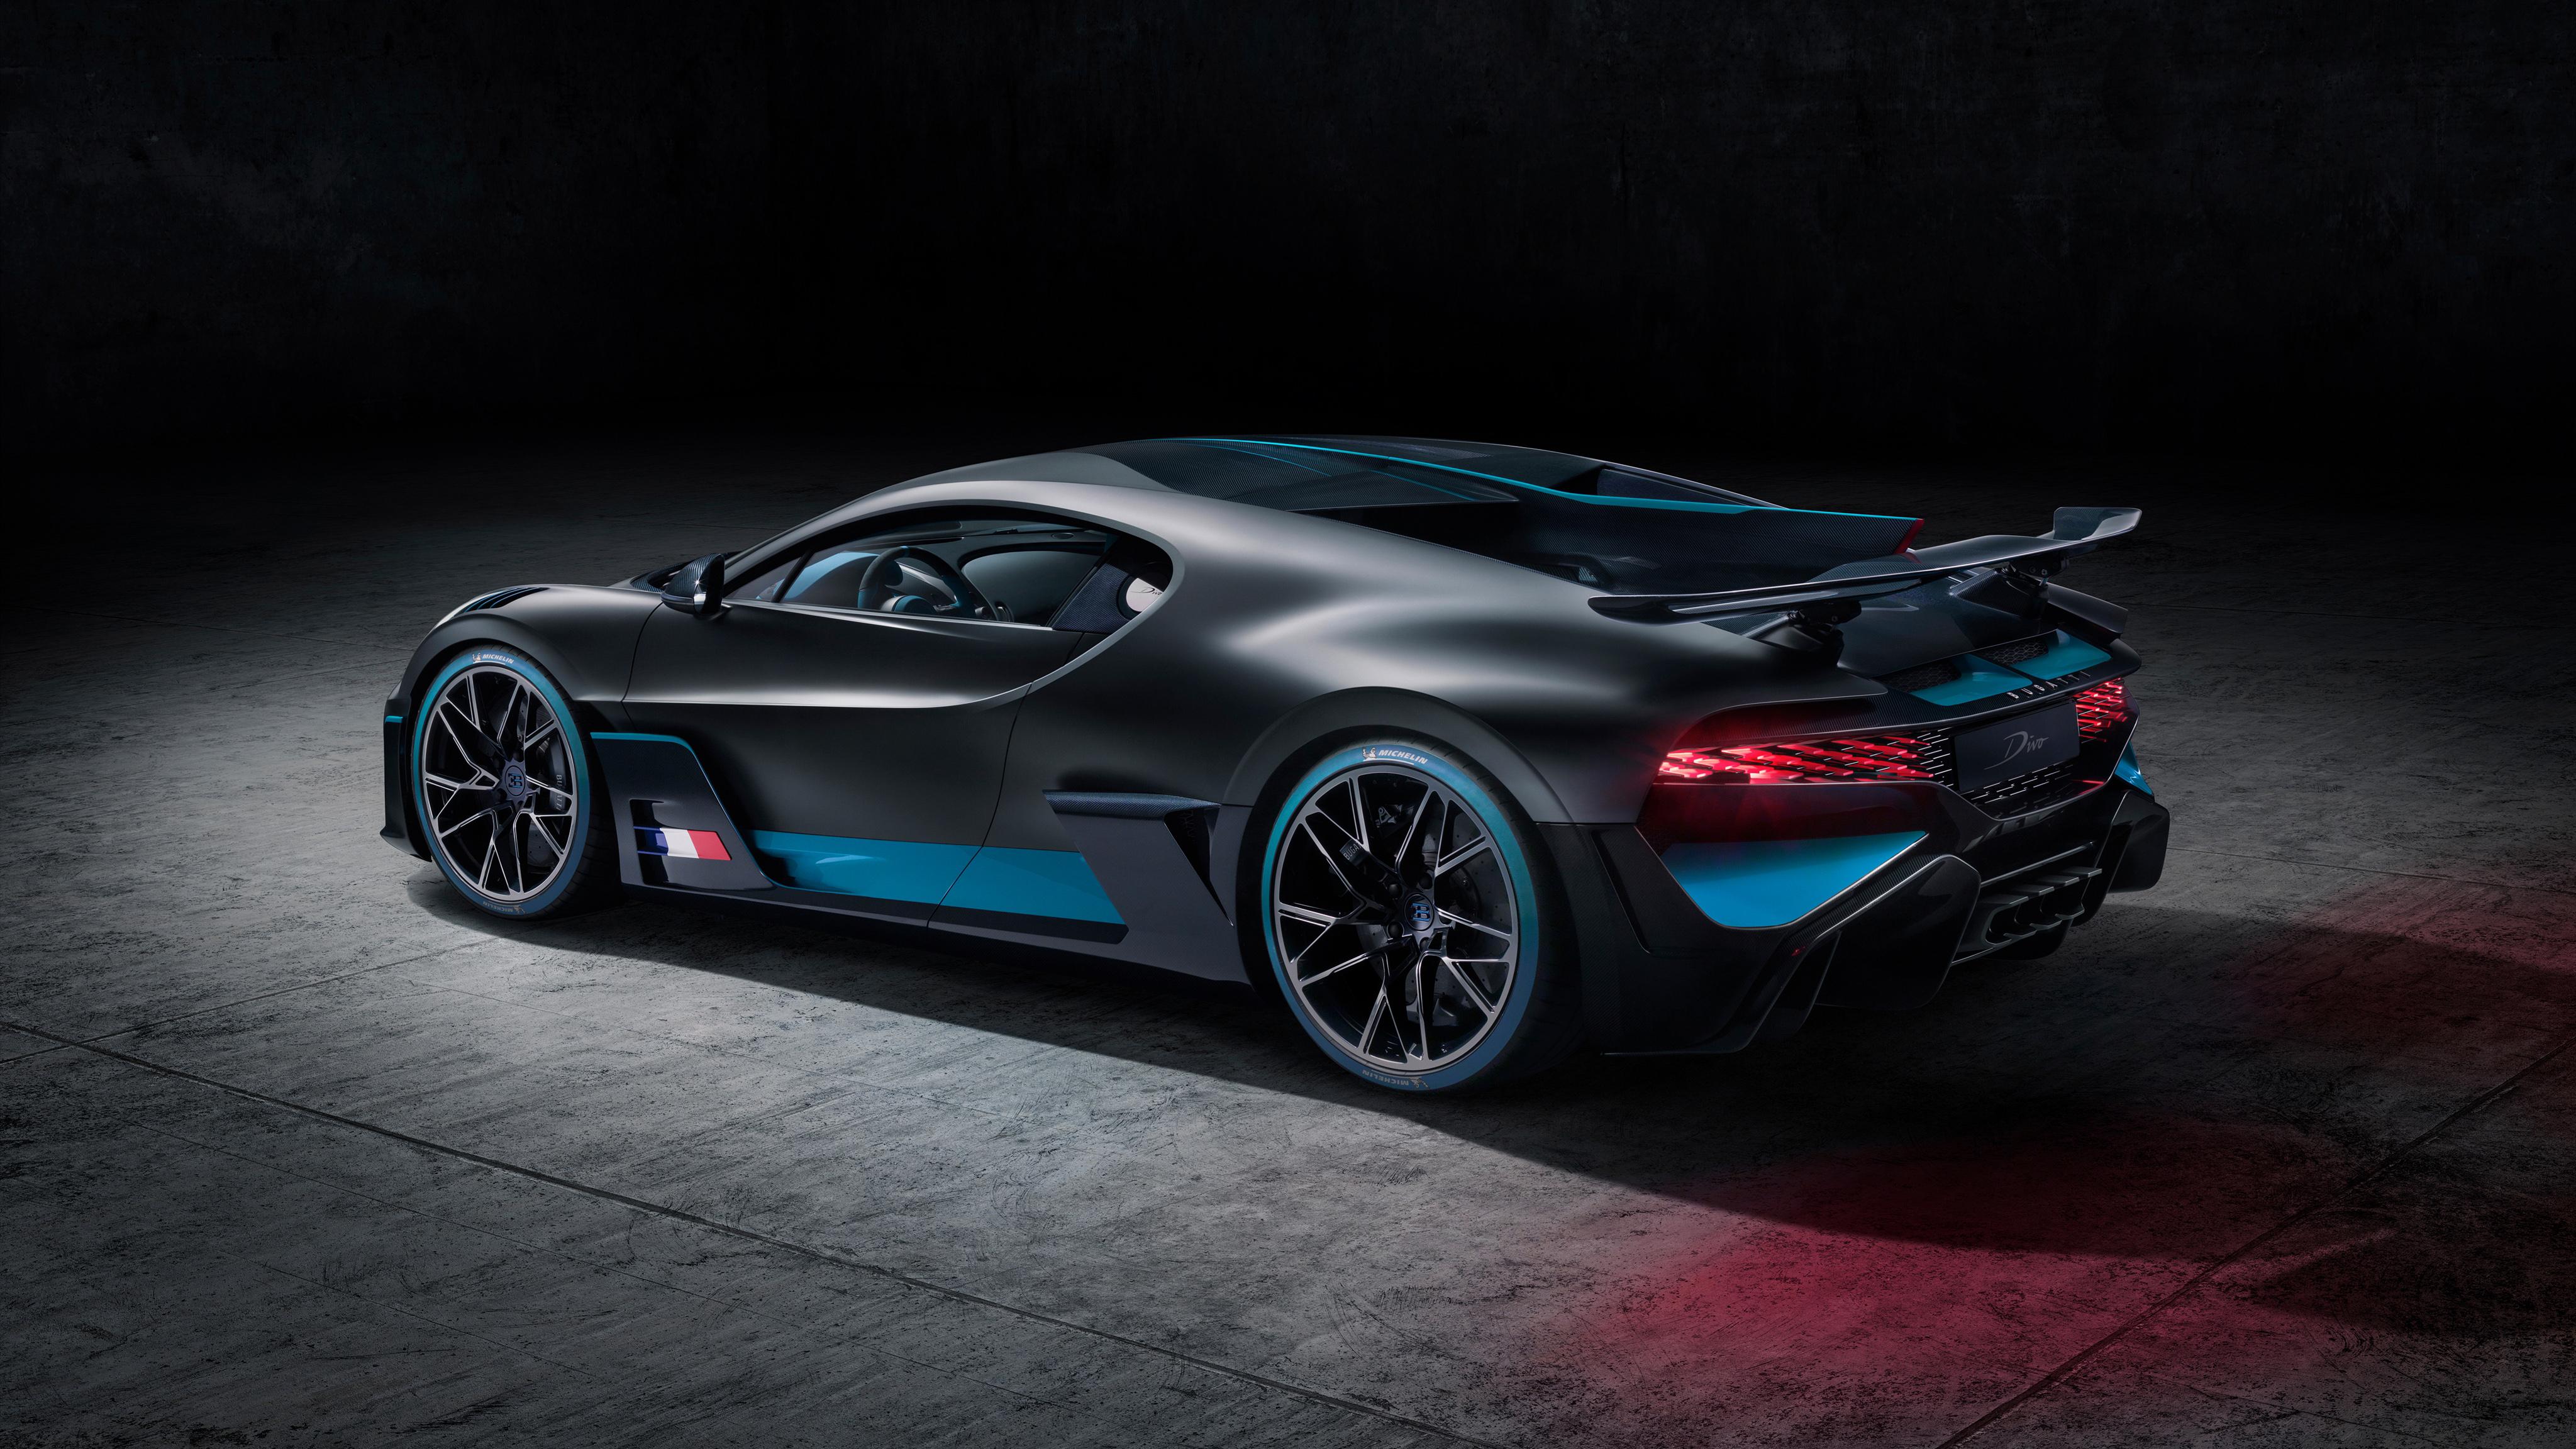 2019 Bugatti Divo 4K 12 Wallpaper | HD Car Wallpapers | ID